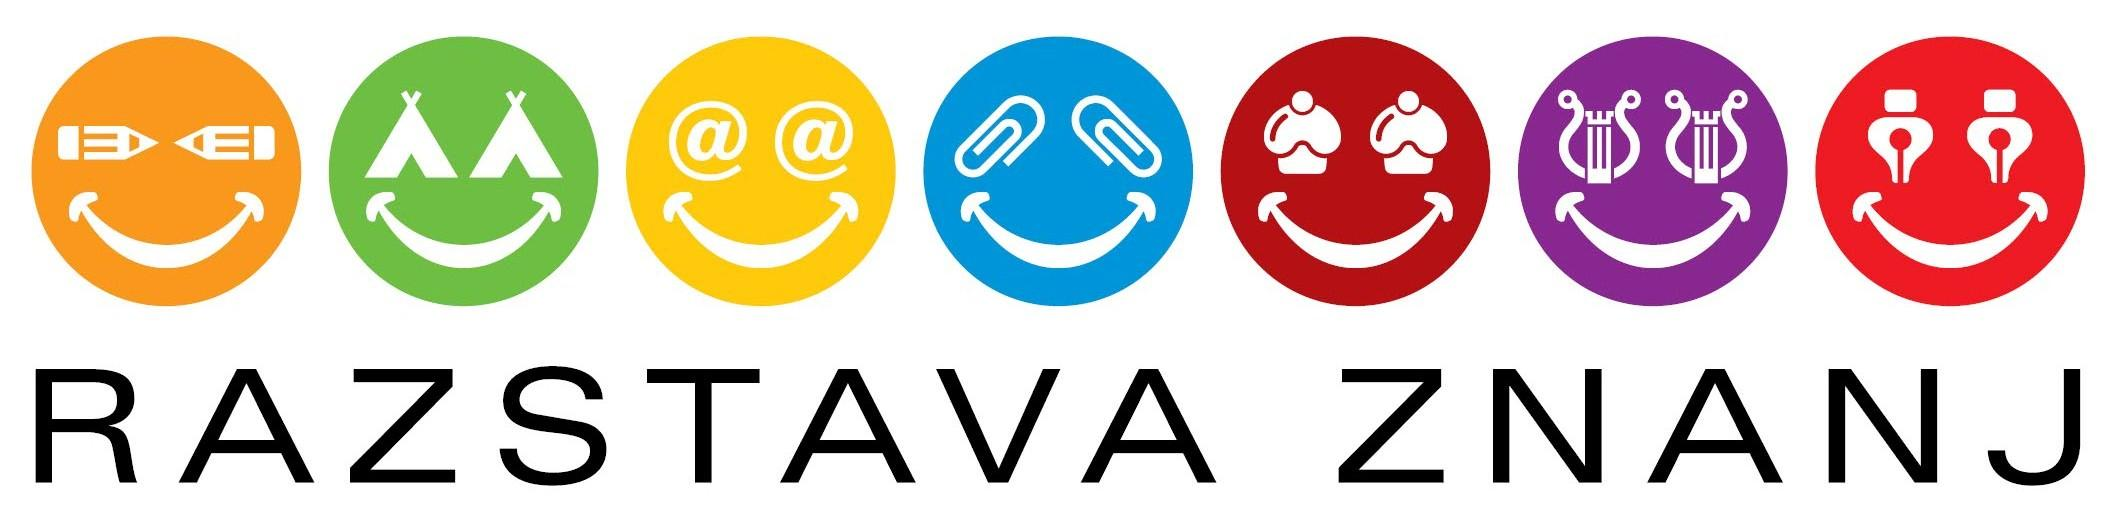 razstavaznanj_logo